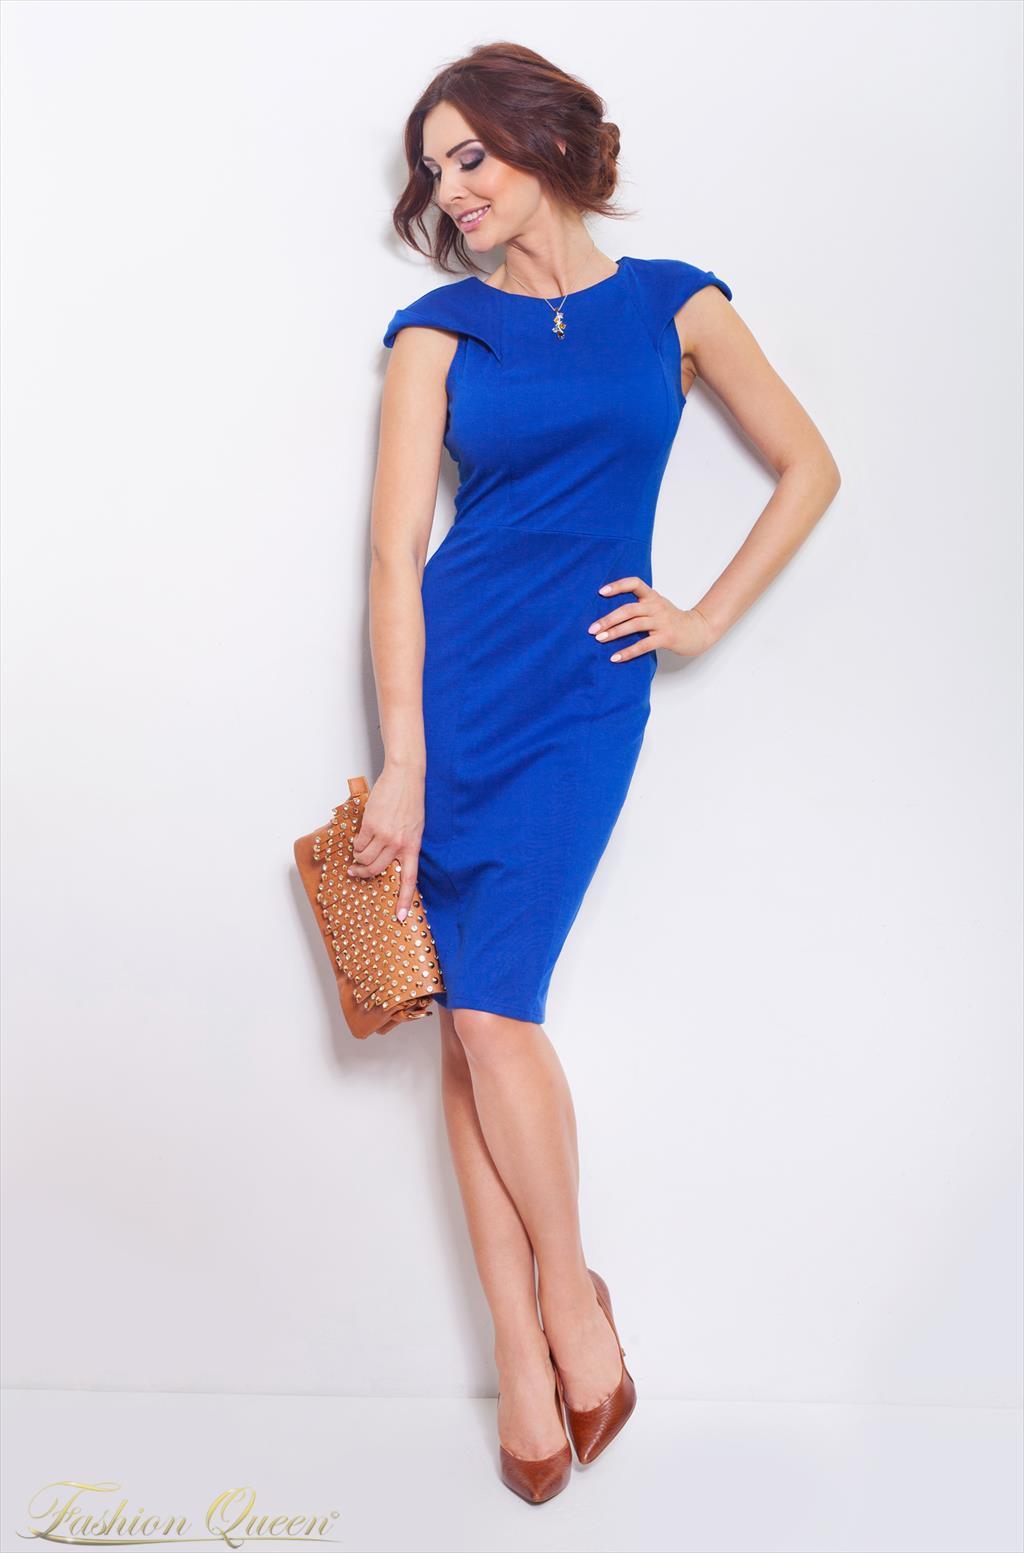 457fecbf25f6 Fashion Queen - Dámske oblečenie a móda - Kráľovsky modré šaty